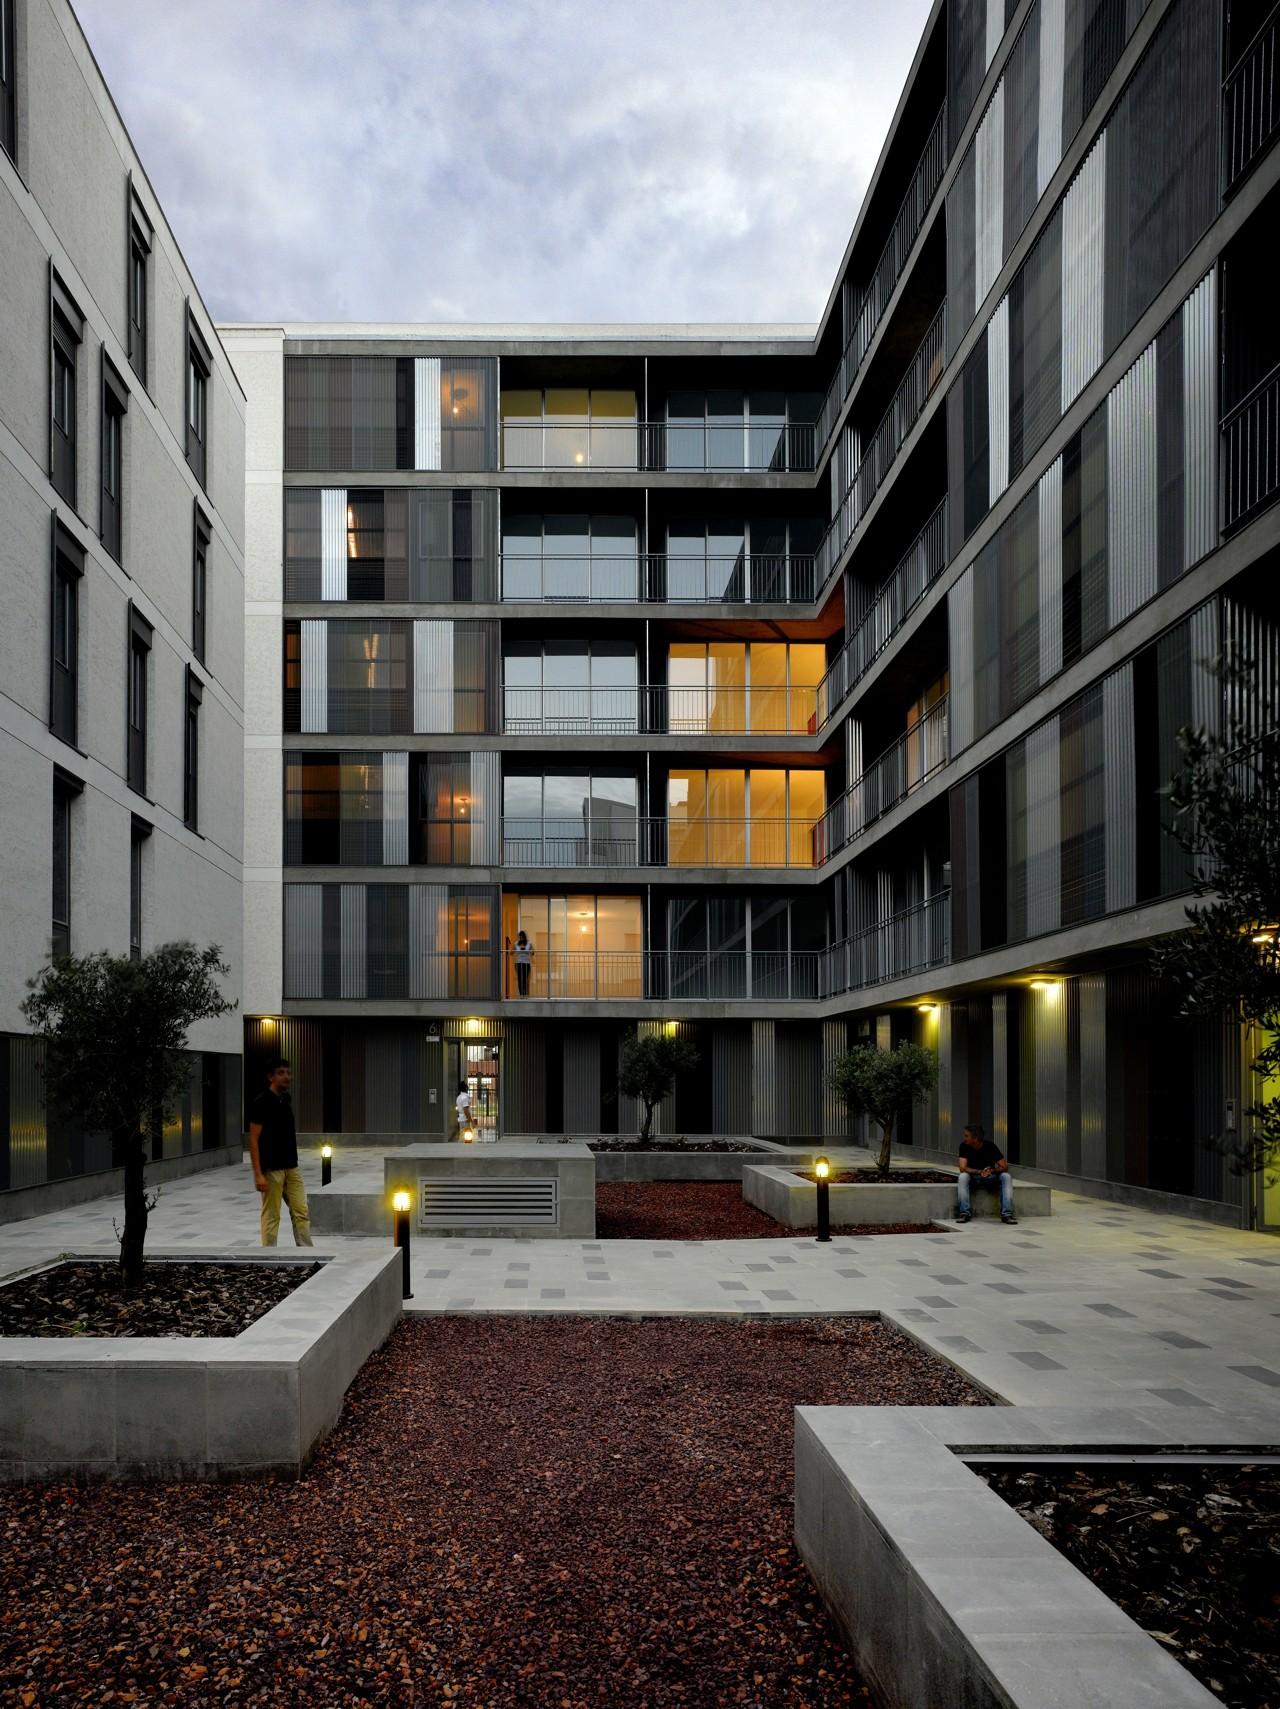 46 viviendas sociales gabriel verd archdaily per Arquitectura de desarrollo